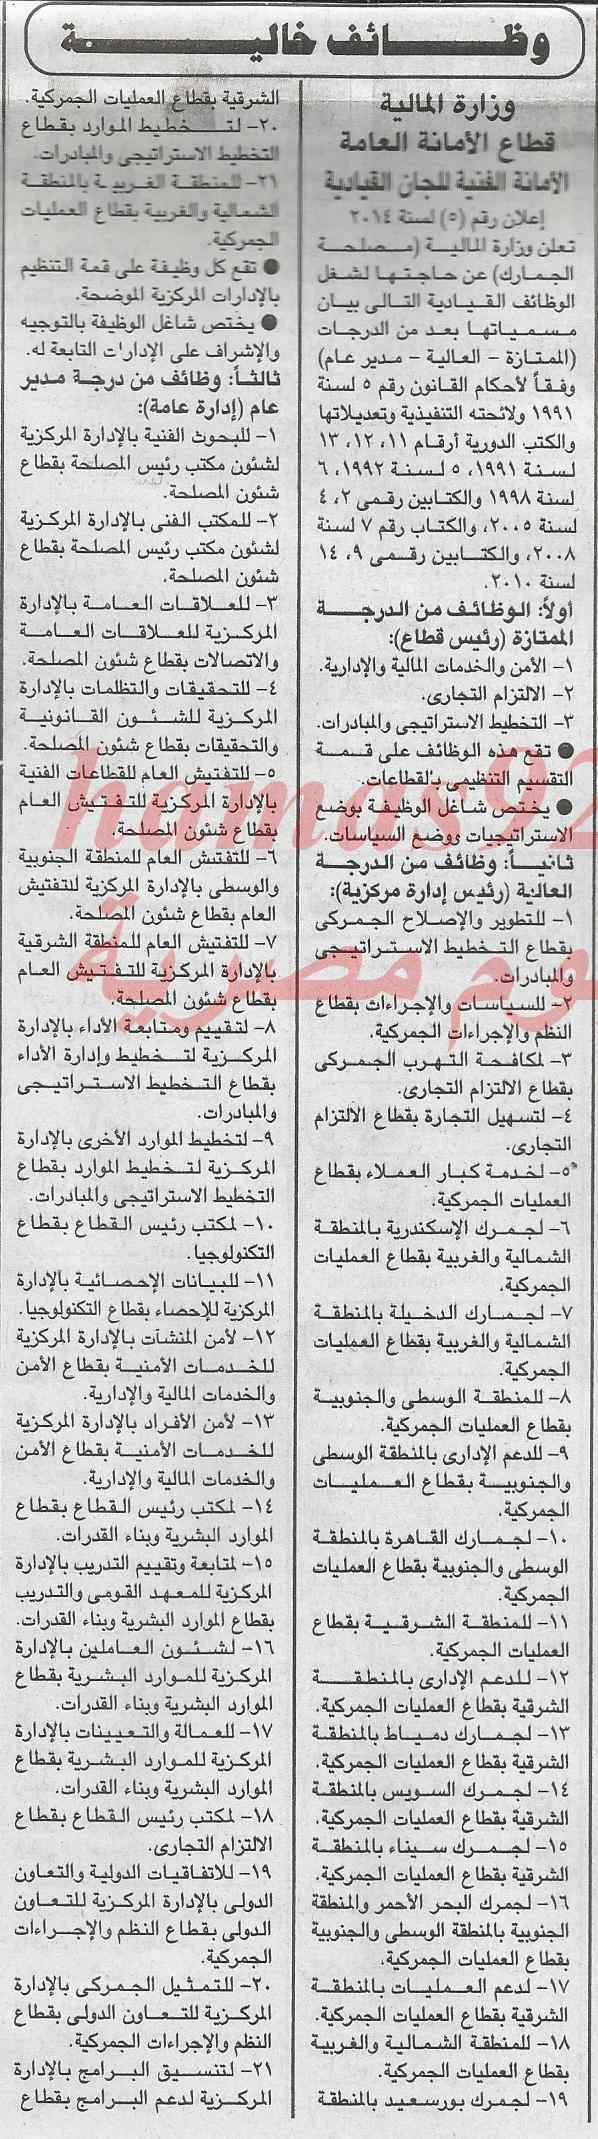 وظائف جريدة الجمهورية اليوم السبت 8-2-2014 , وظائف خالية اليوم 8 فبراير 2014